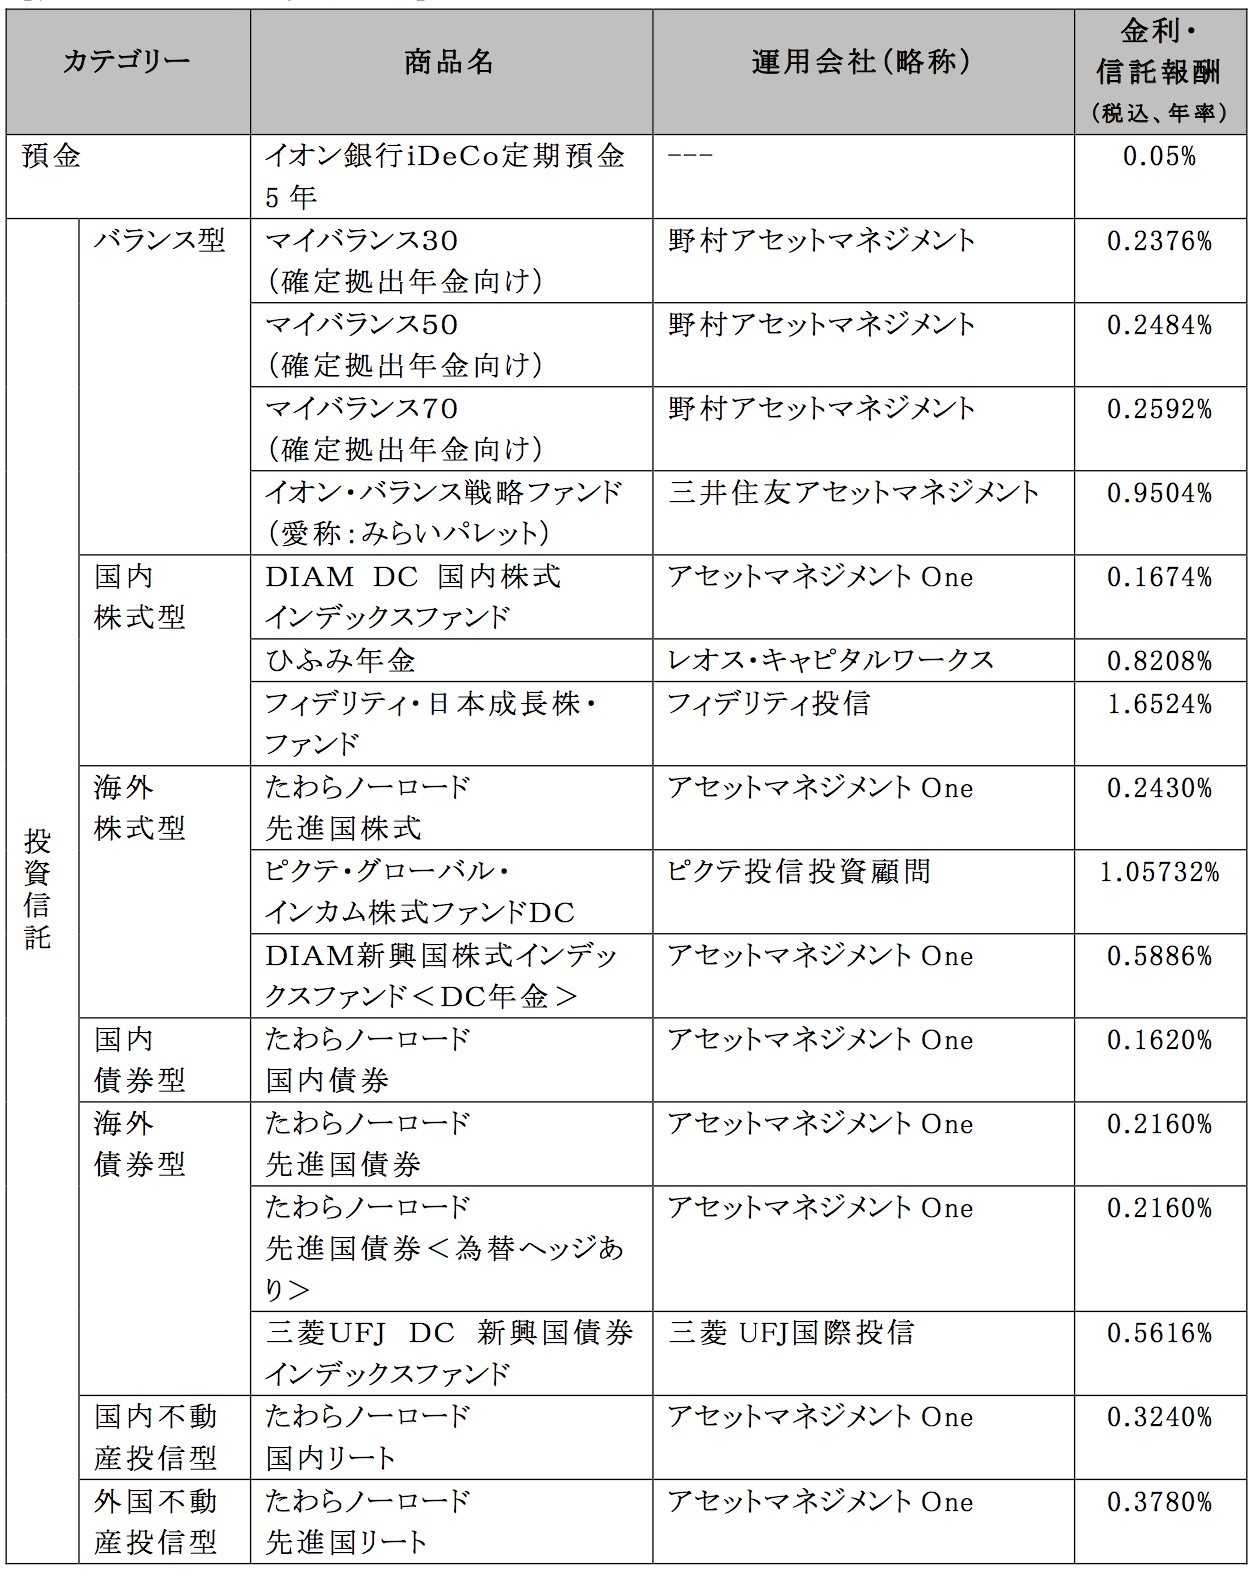 信託 投資 イオン 銀行